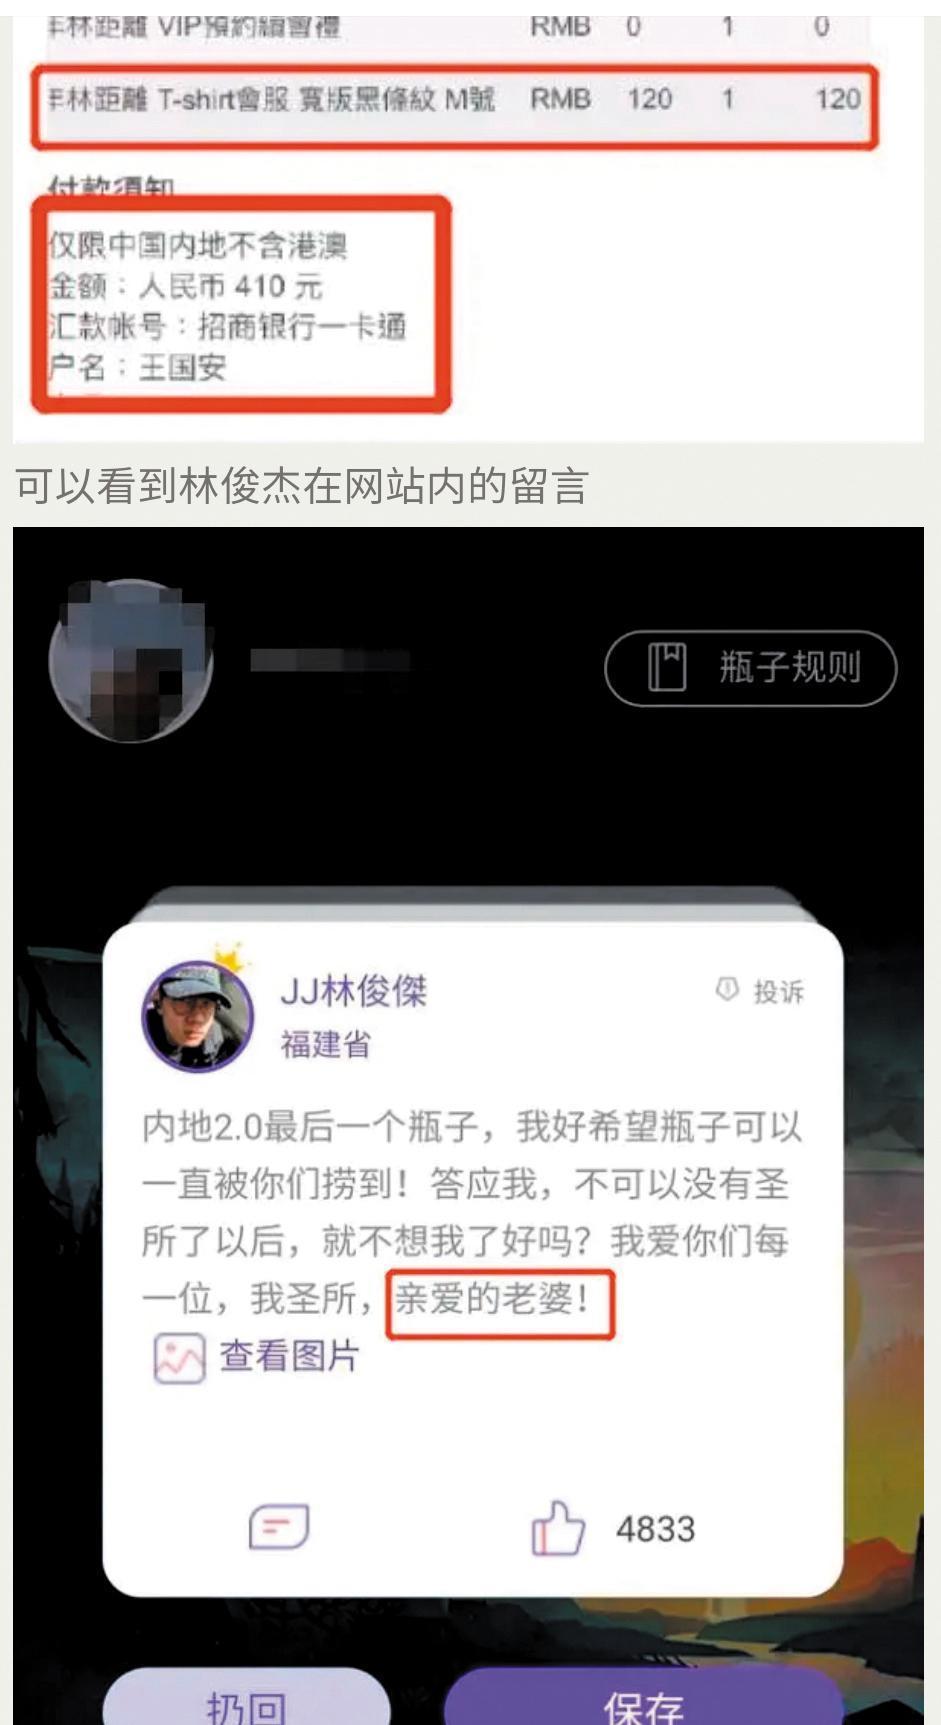 除會費外,還要買會服,總計人民幣410元,林俊傑在「林距離」留言,還稱粉絲「親愛的老婆」。(讀者提供)